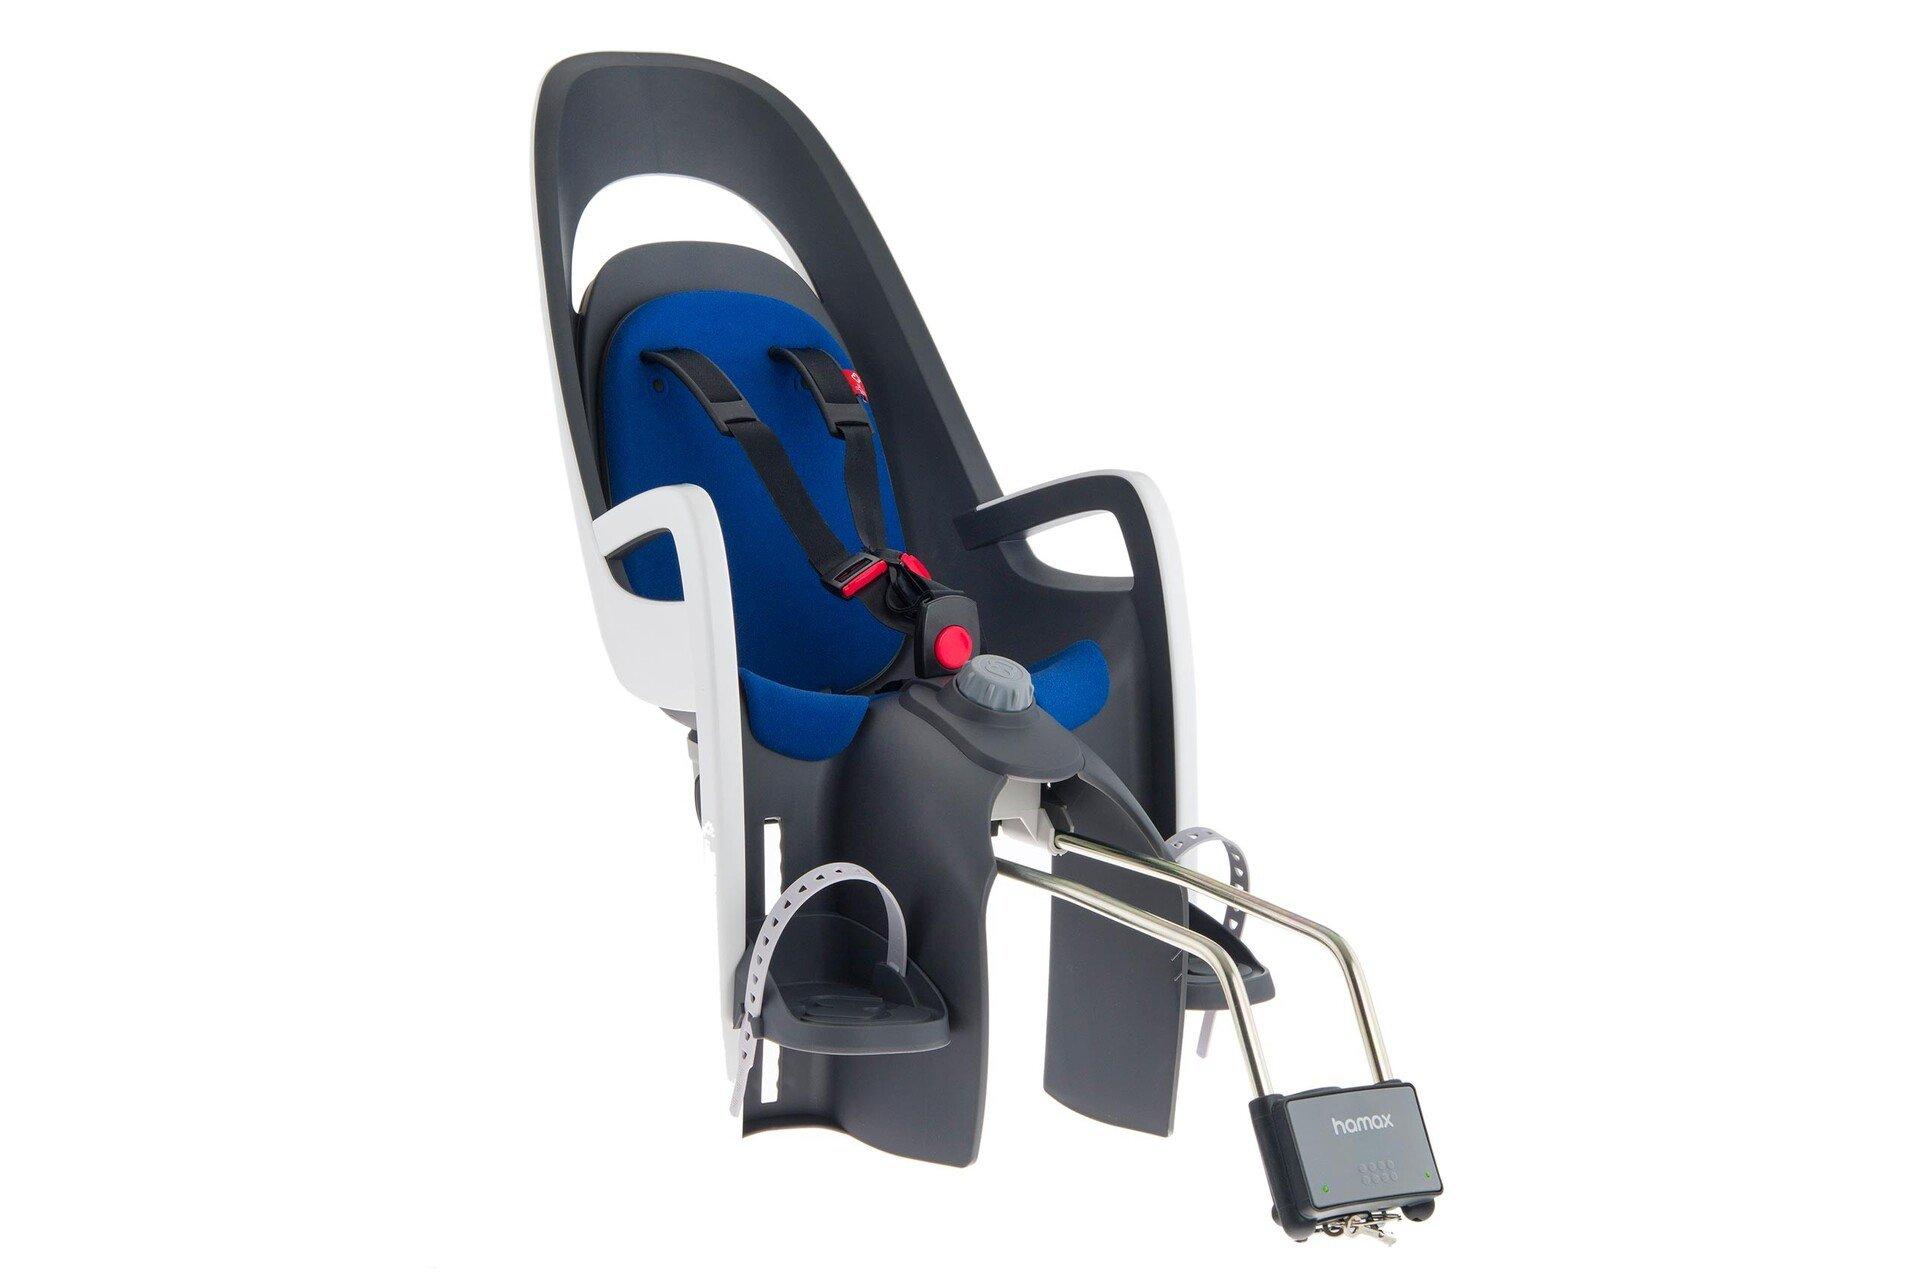 Детское кресло HAMAX CARESS W/LOCKABLE BRACKET 553002., И-0021023  - купить со скидкой